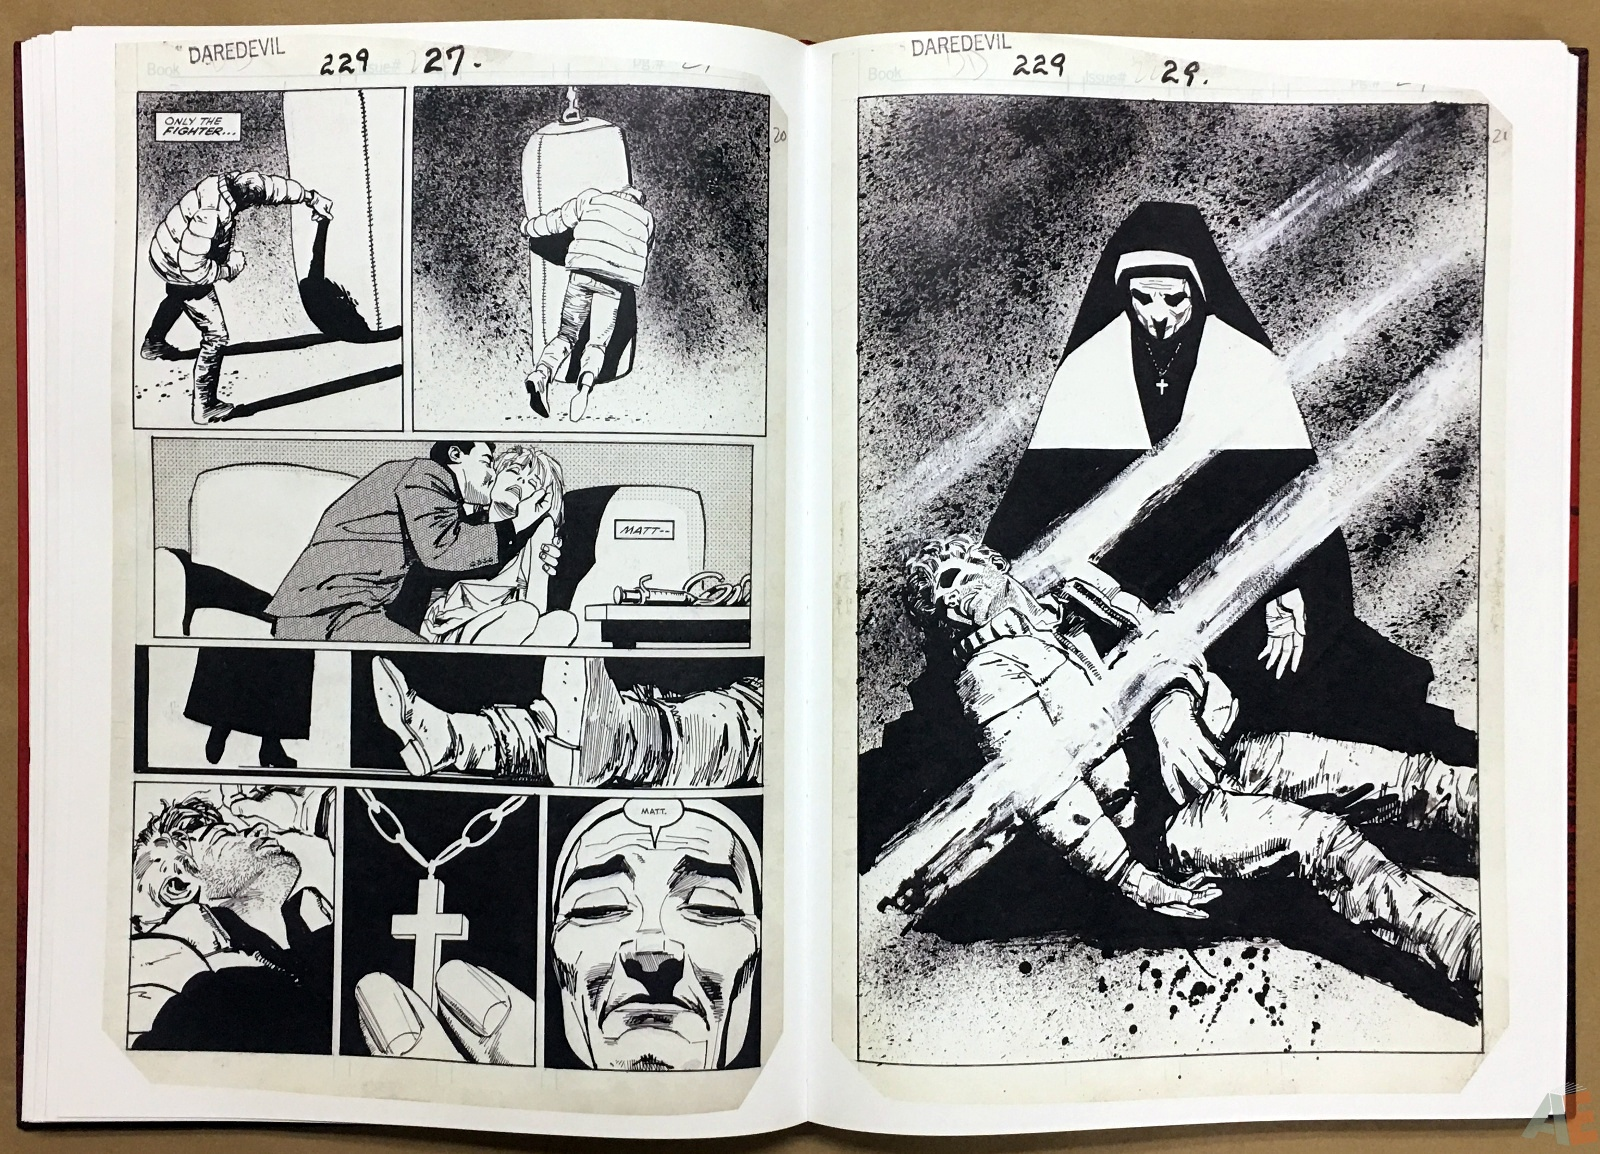 David Mazzucchelli's Daredevil Born Again: Artist's Edition 22